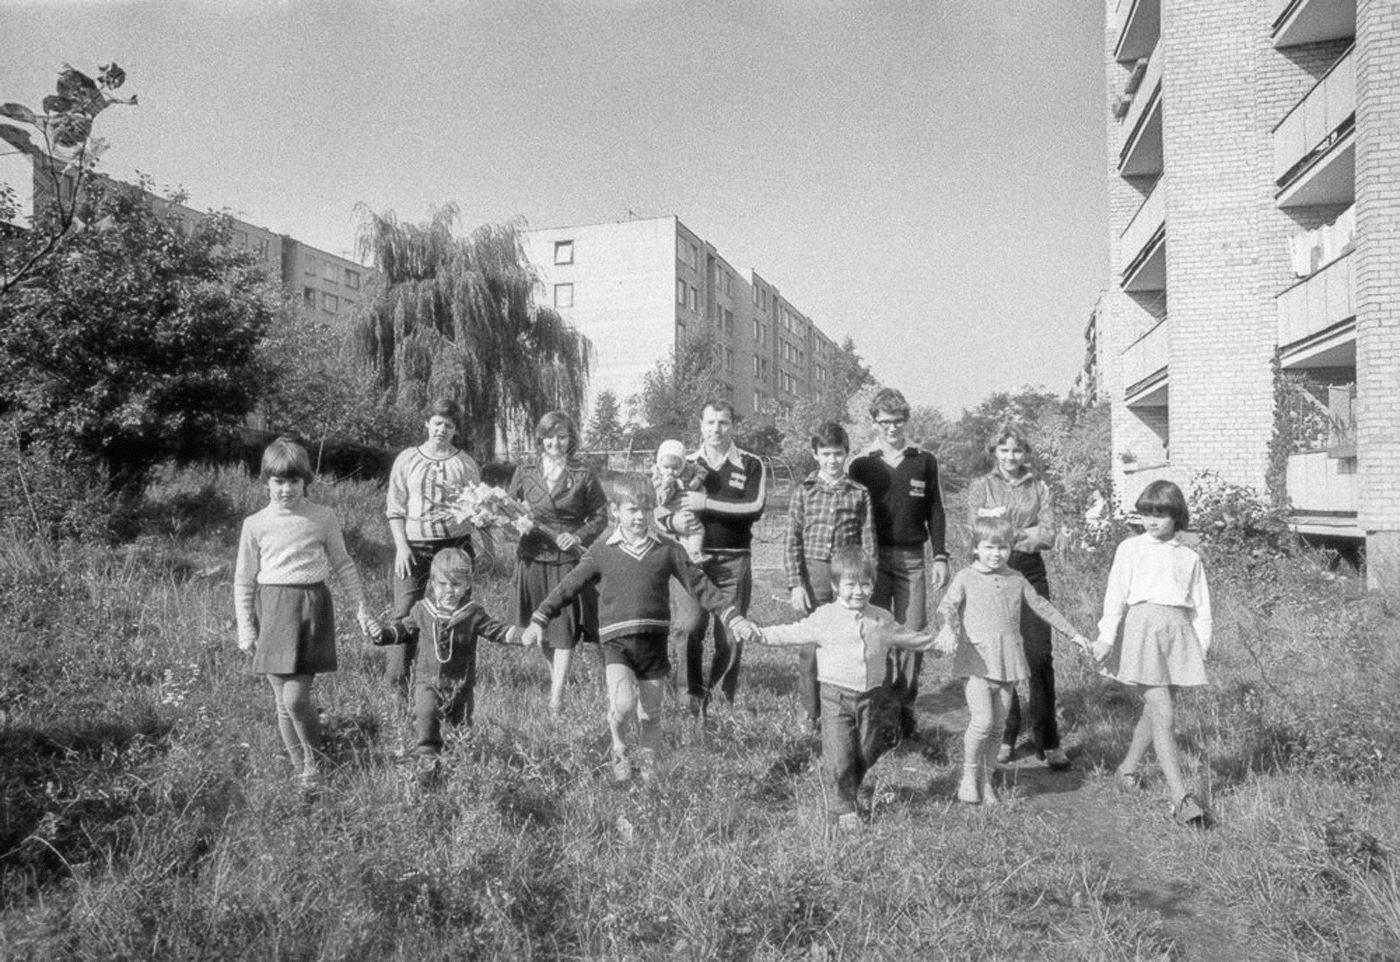 1982.Многодетная семья (11 детей) в новом микрорайоне Вильнюса